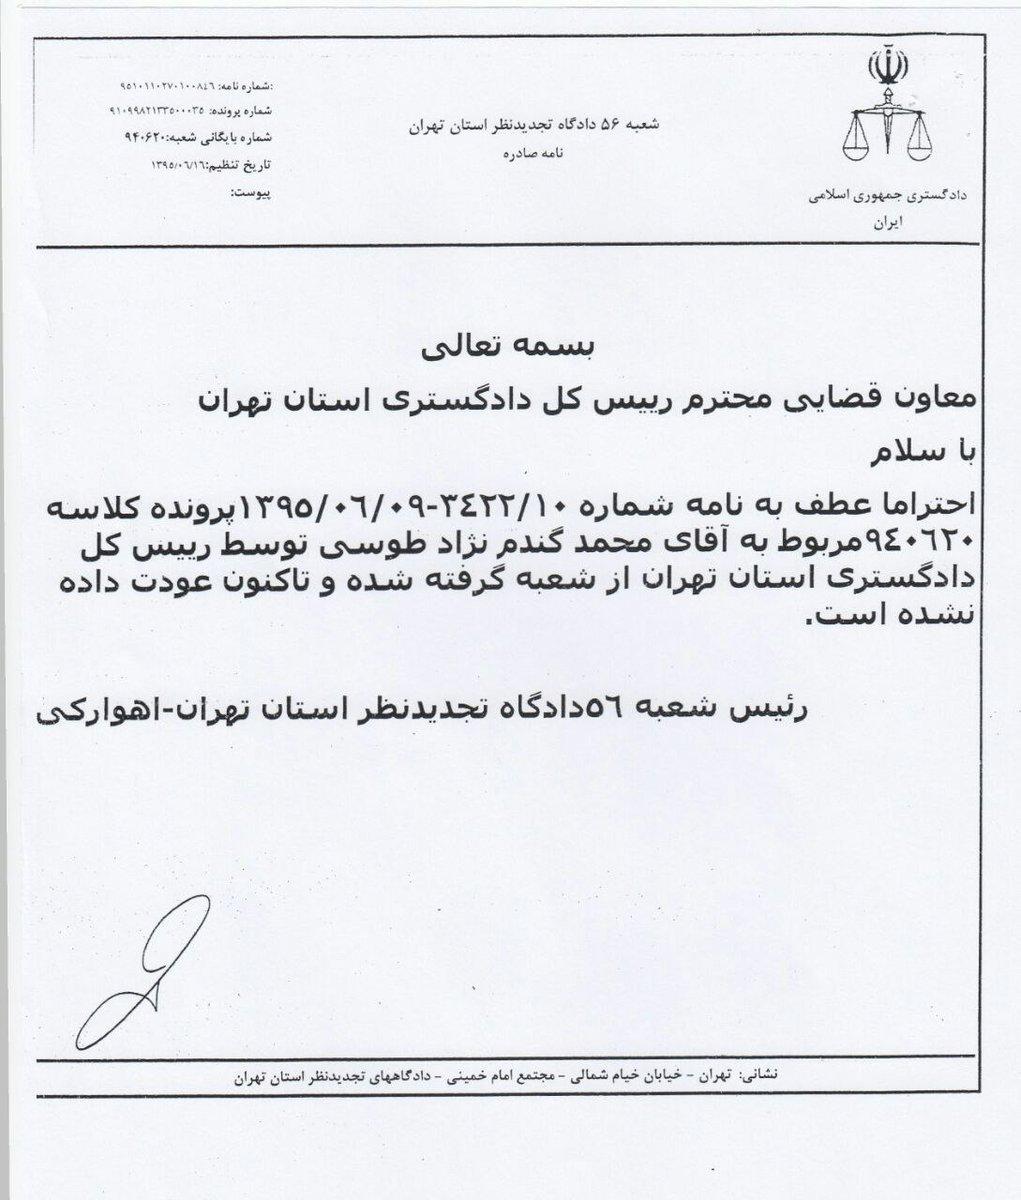 پرونده طوسی از دادگاه تجدیدنظر گرفته شده  است